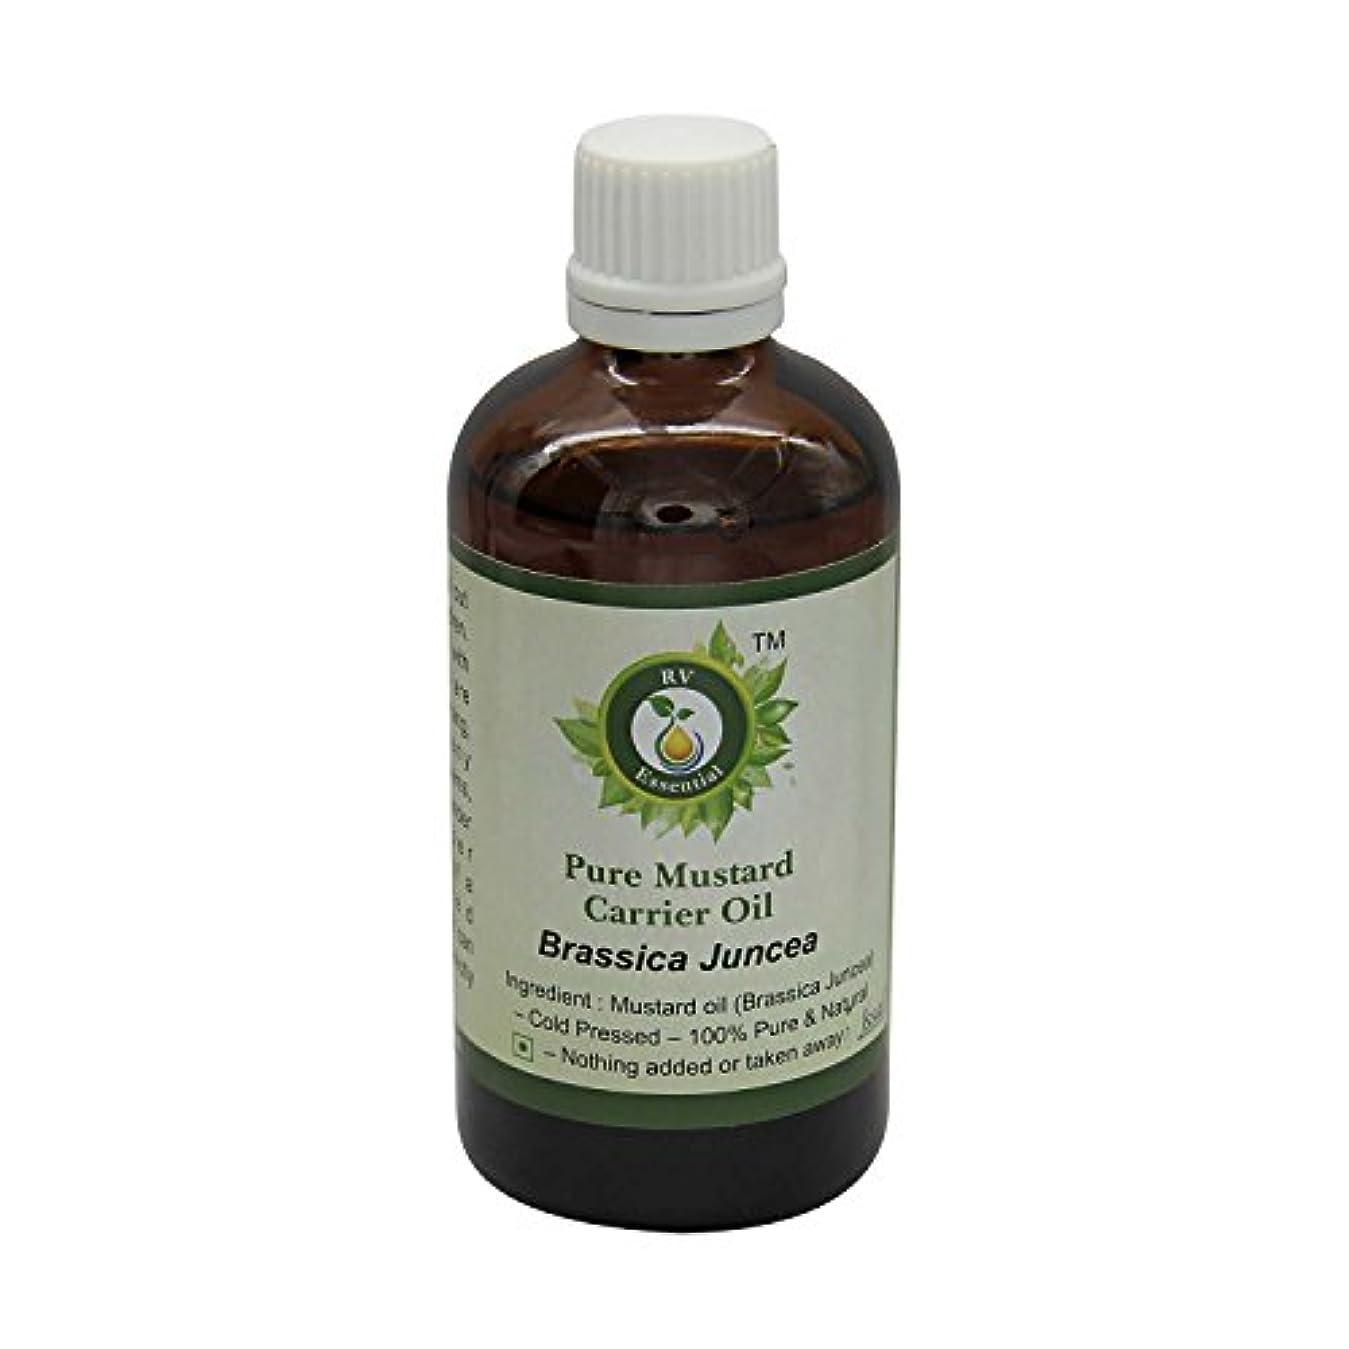 超高層ビル高い悲しみR V Essential 純粋なマスタードキャリアオイル50ml (1.69oz)- Brassica Juncea (100%ピュア&ナチュラルコールドPressed) Pure Mustard Carrier Oil